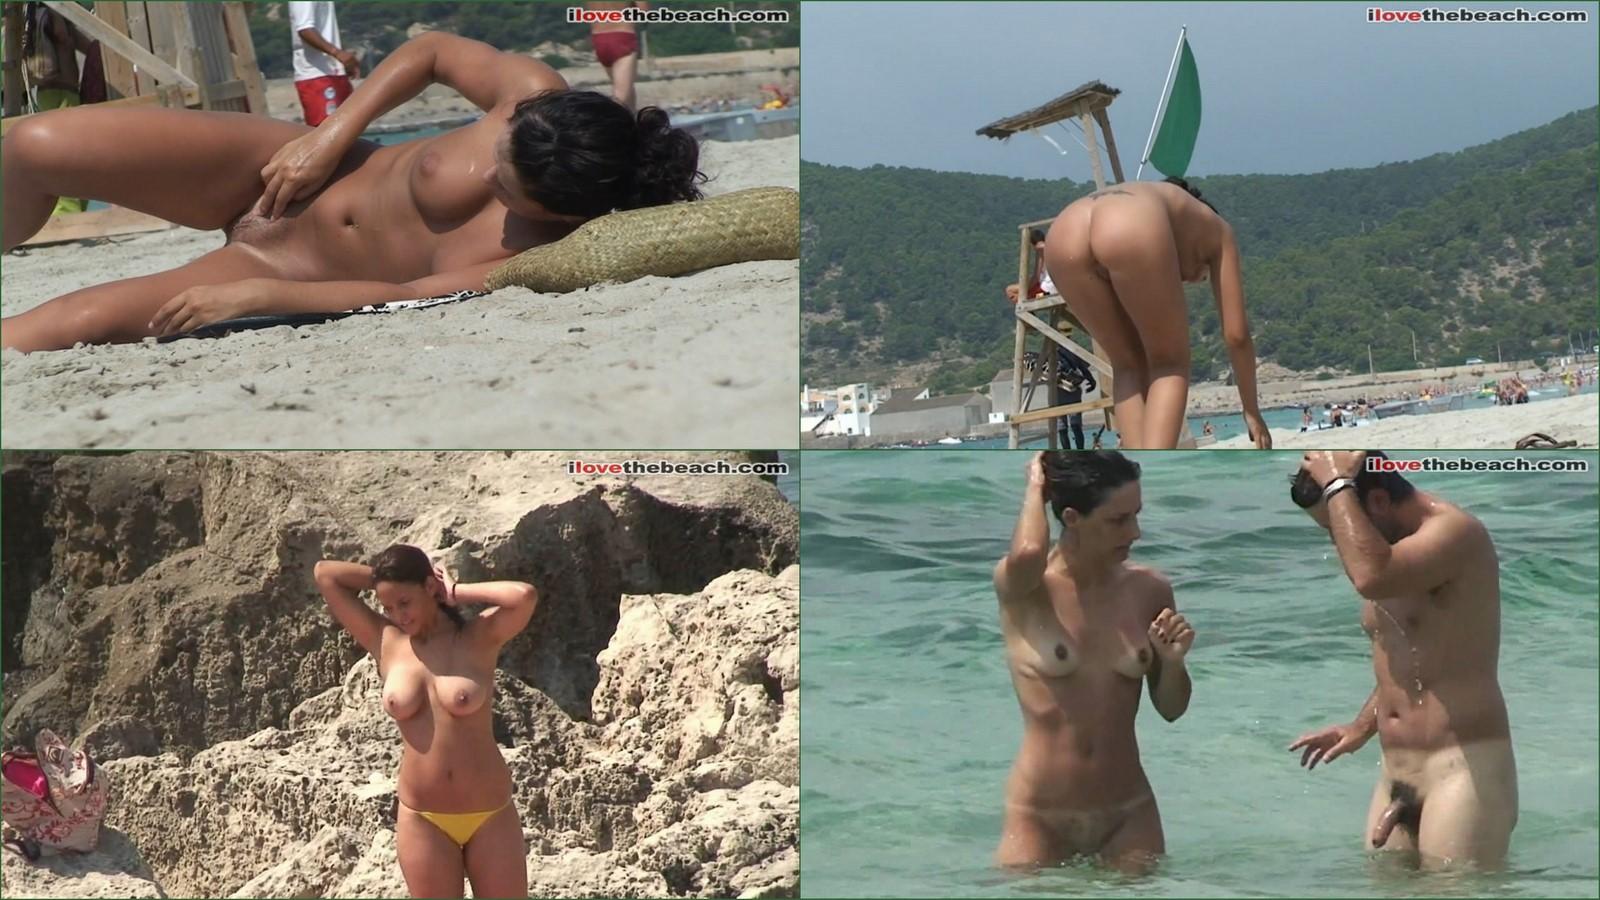 smotret-nudistskie-plyazhi-frantsii-porno